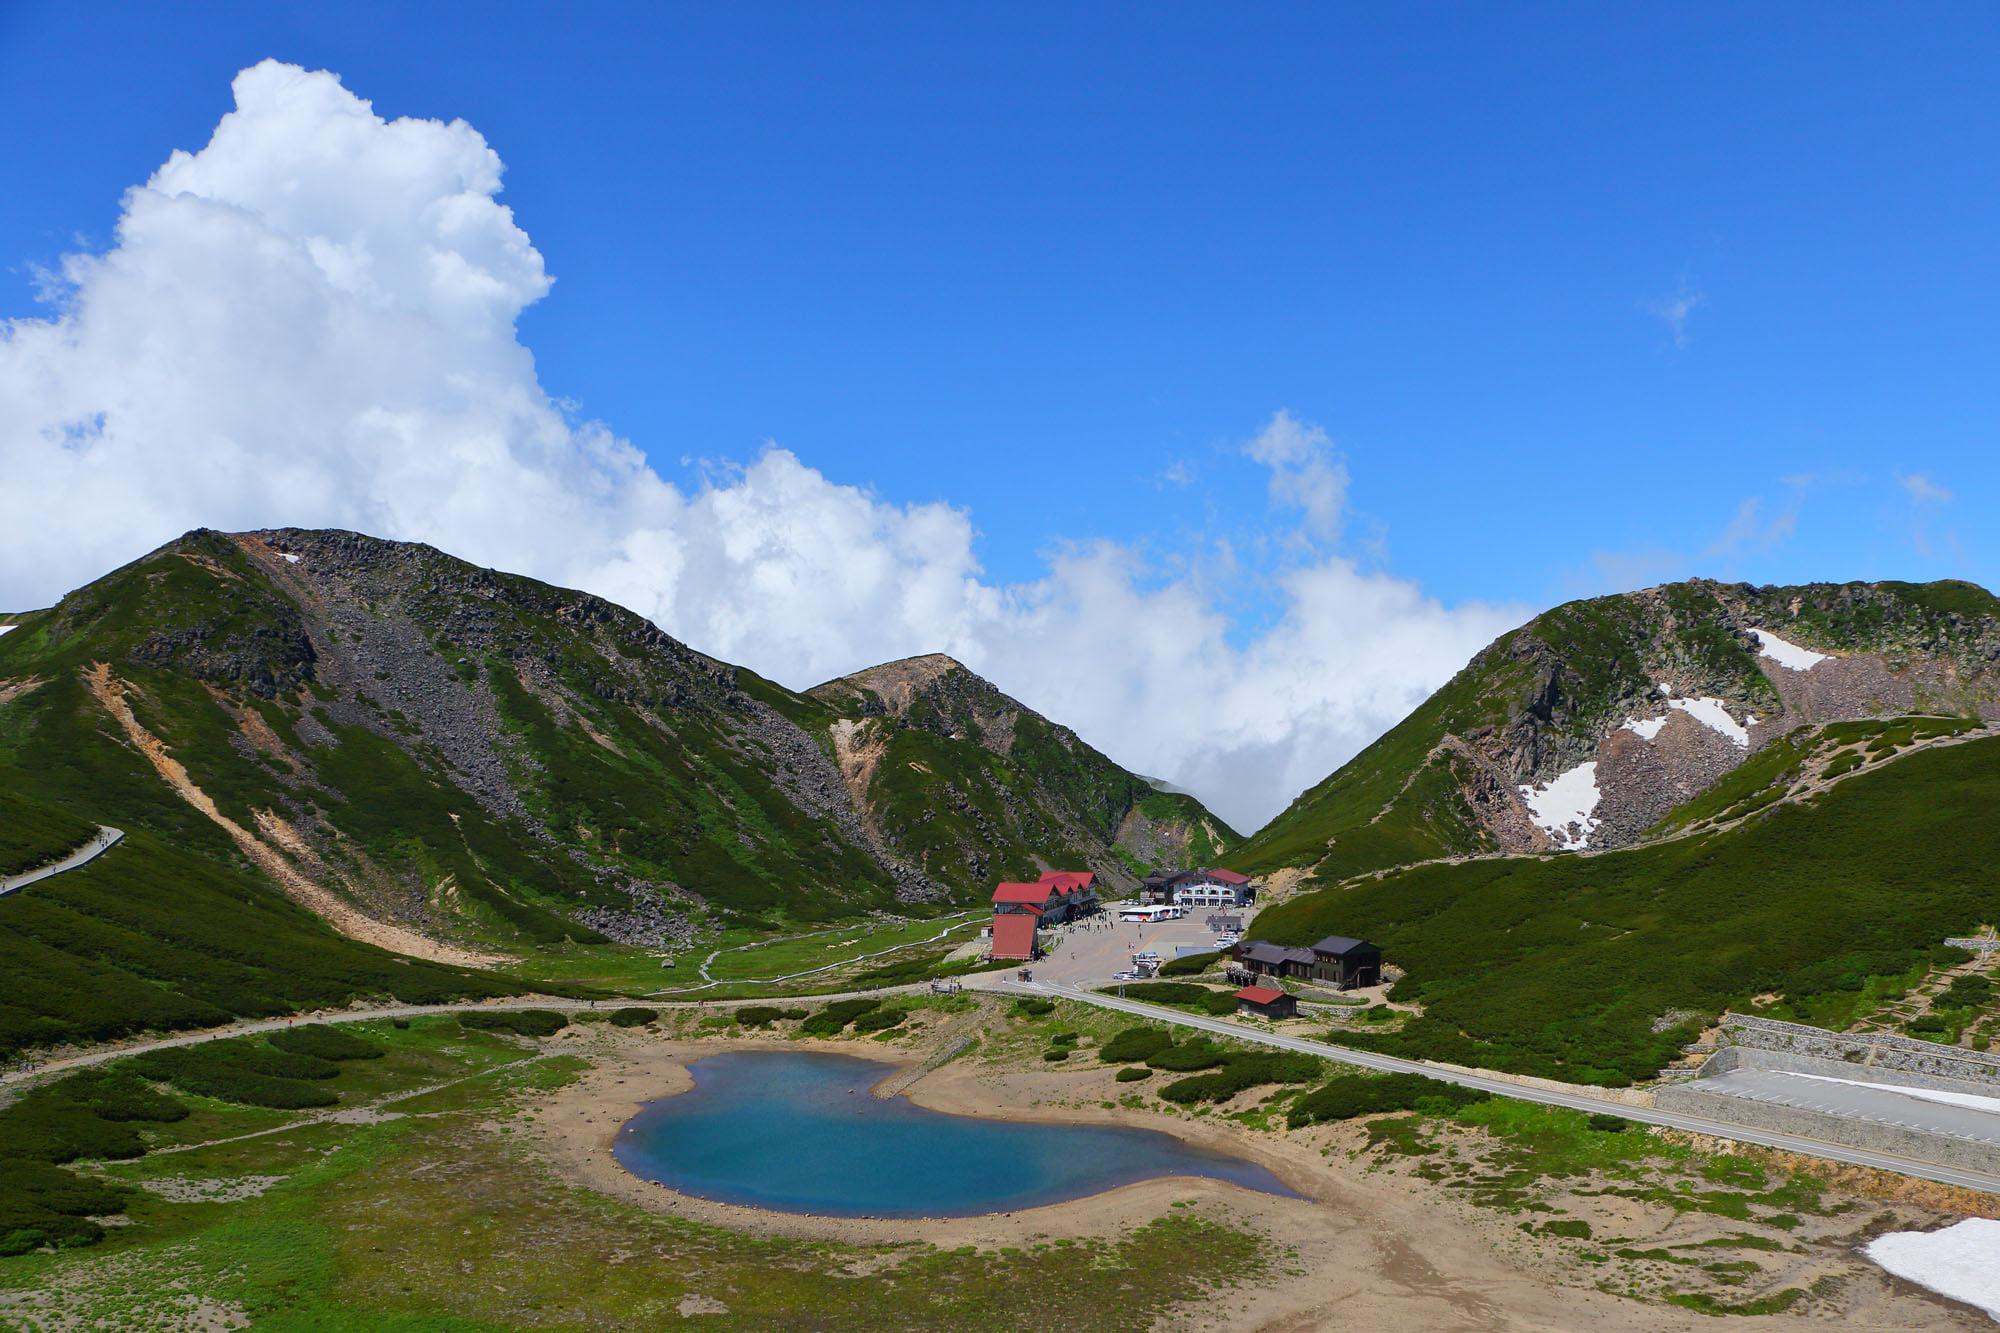 大黒岳からの眺め